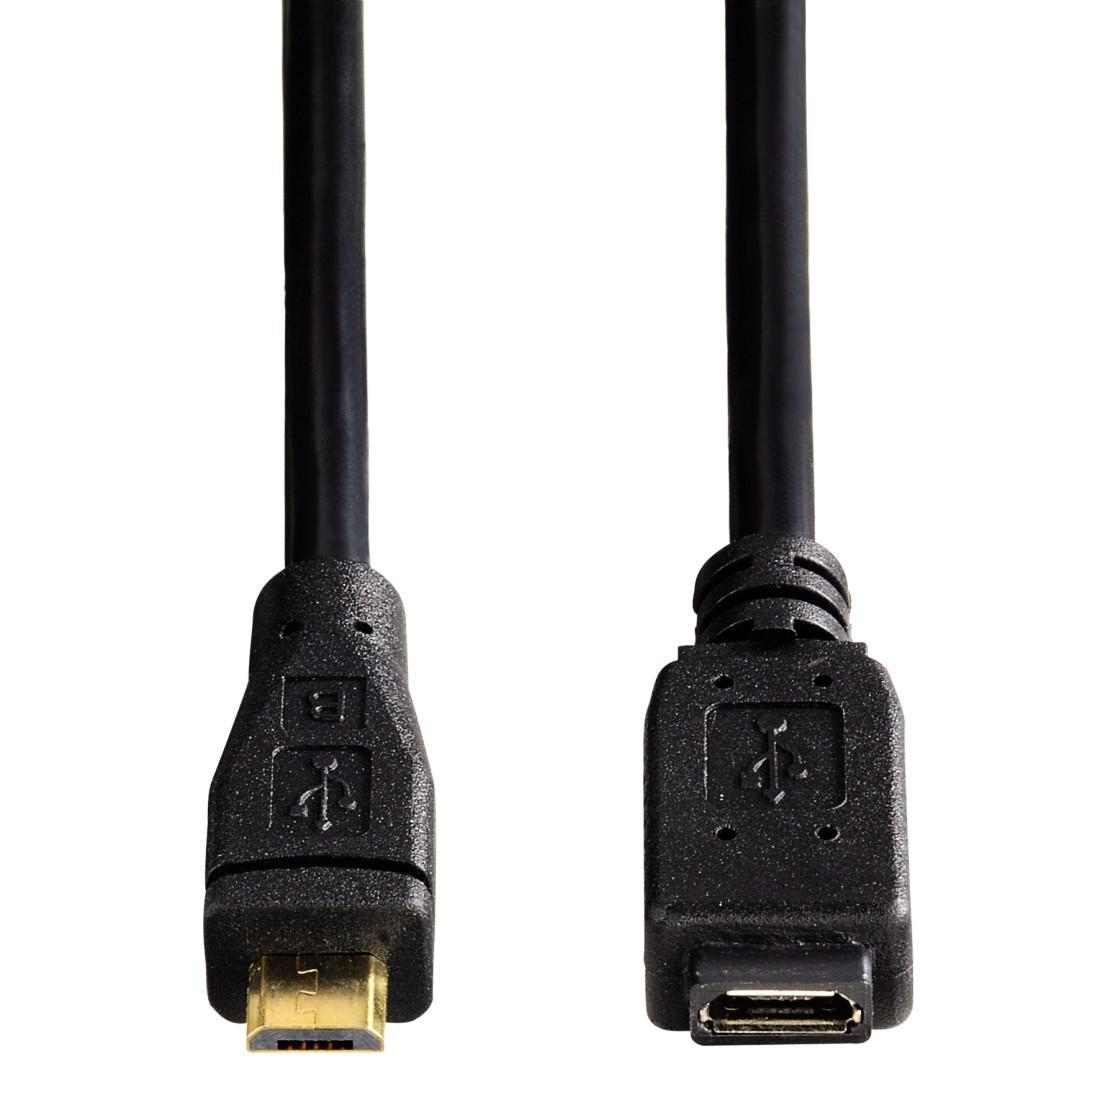 Удължителен кабел HAMA 54557 Micro USB 2.0, Позлатени конектори, 0.75 м., Черен